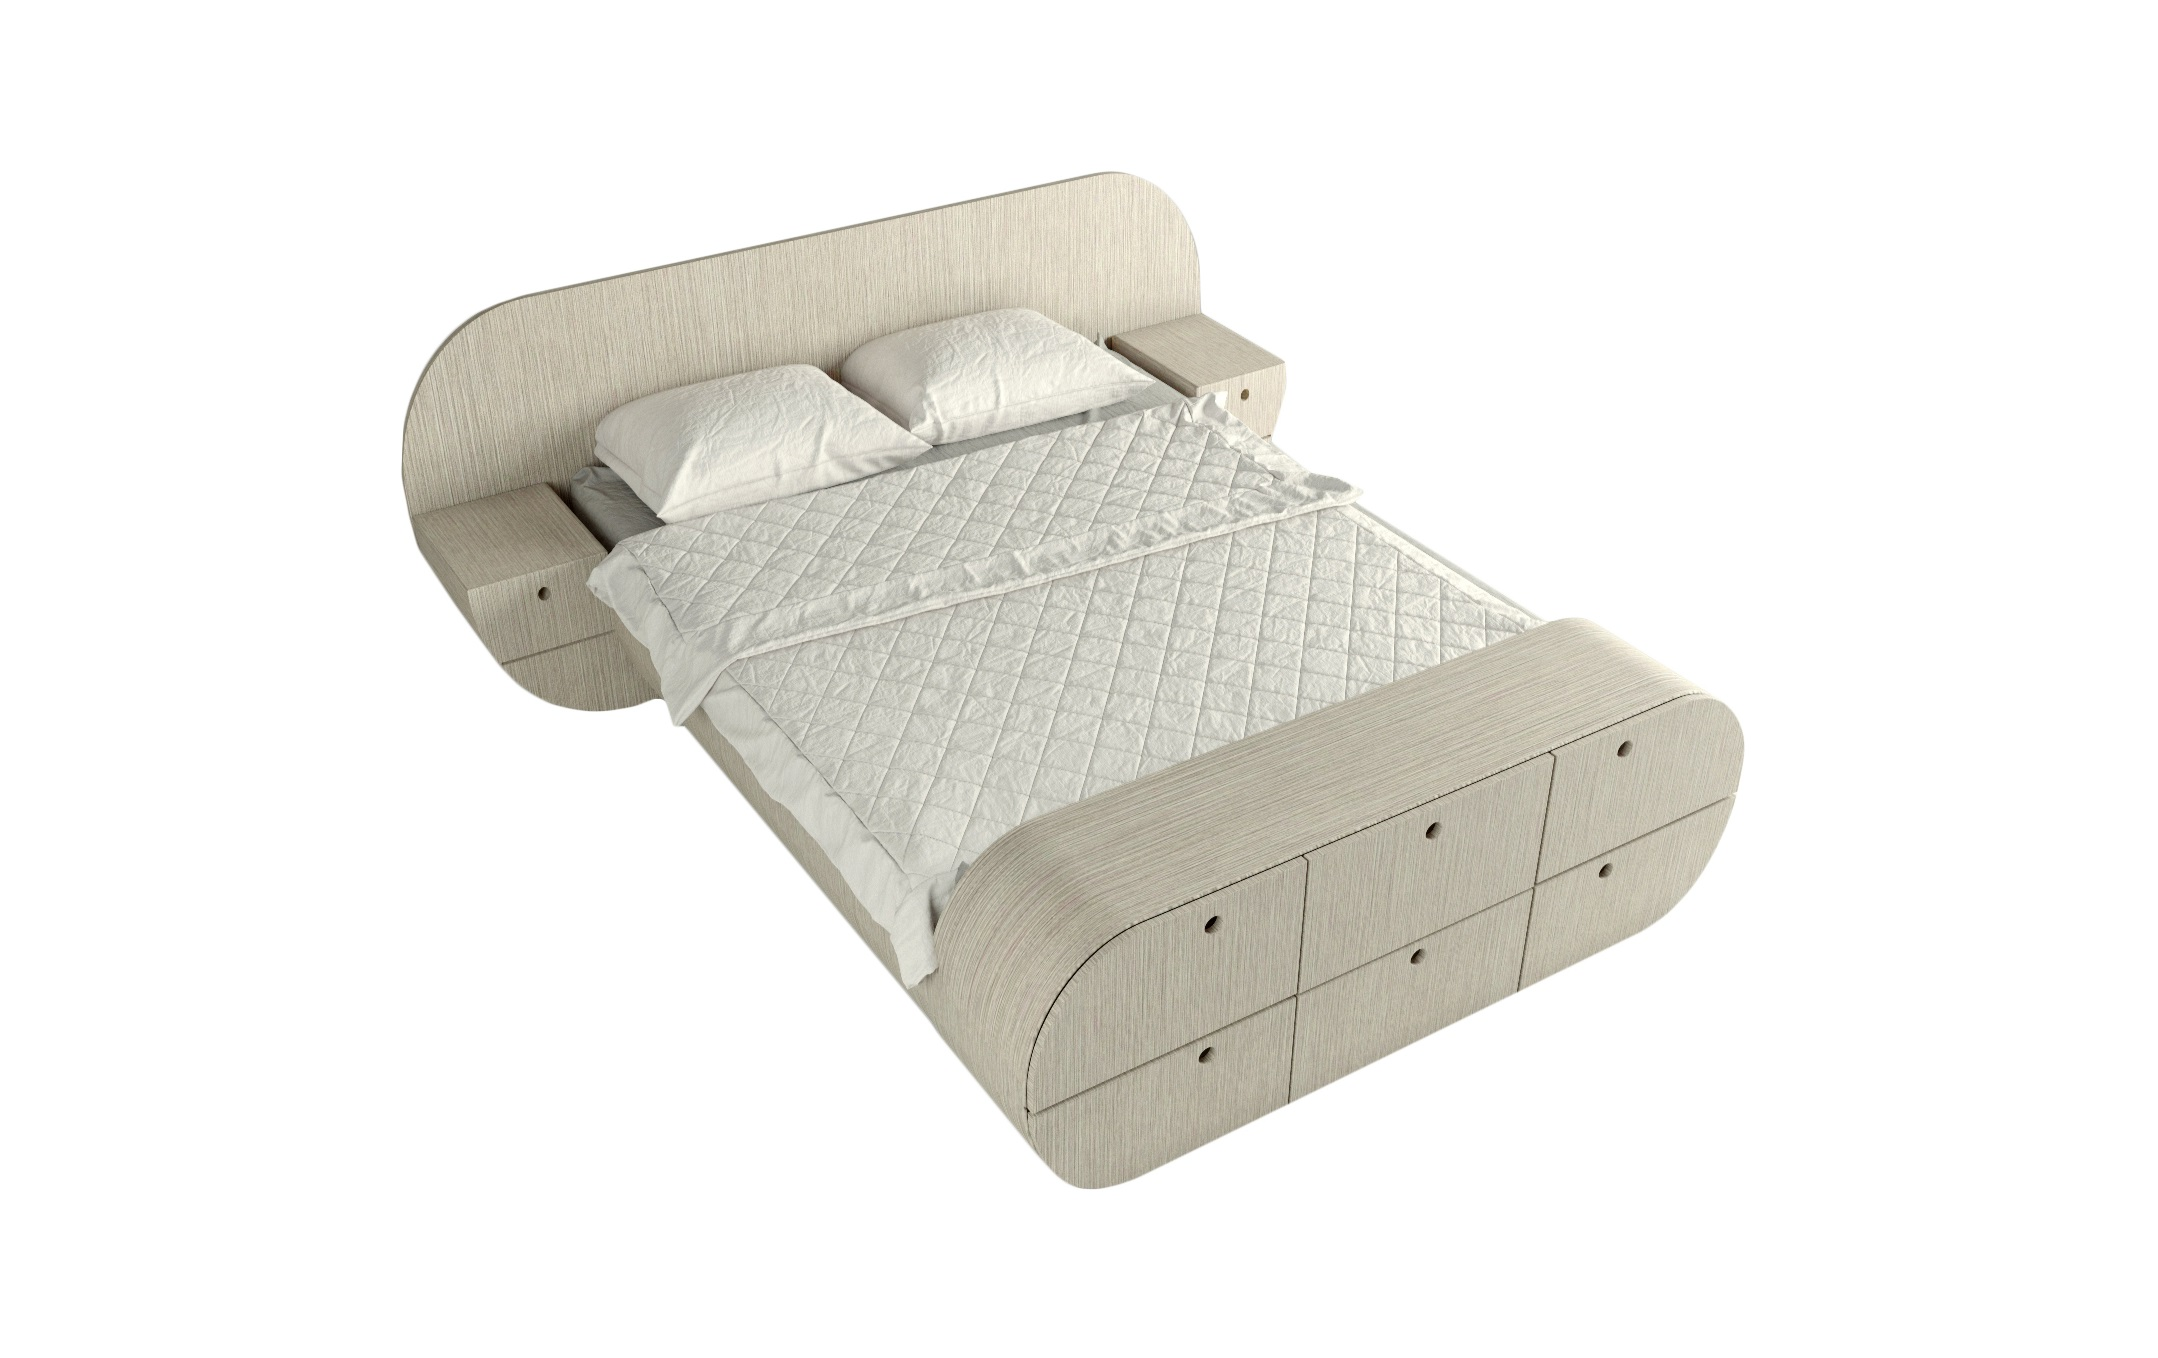 Кровать с тумбами и комодом ЦиклДеревянные кровати<br>Отличный комплект - кровать, 2 тумбы, комод!<br>Представляет собой единую констукцию, изделие покрыто натуральным шпоном, теплый и приятный материал<br>Матрас, белье и подушки в стоимость не входят&amp;amp;nbsp;&amp;lt;br&amp;gt;&amp;lt;div&amp;gt;&amp;lt;br&amp;gt;&amp;lt;/div&amp;gt;&amp;lt;div&amp;gt;Размер спального места:160см на 200см&amp;lt;/div&amp;gt;&amp;lt;div&amp;gt;Материал : МДФ, шпон<br>Установка не требуется&amp;lt;br&amp;gt;&amp;lt;/div&amp;gt;<br><br>Material: МДФ<br>Width см: 218<br>Depth см: 267<br>Height см: 87